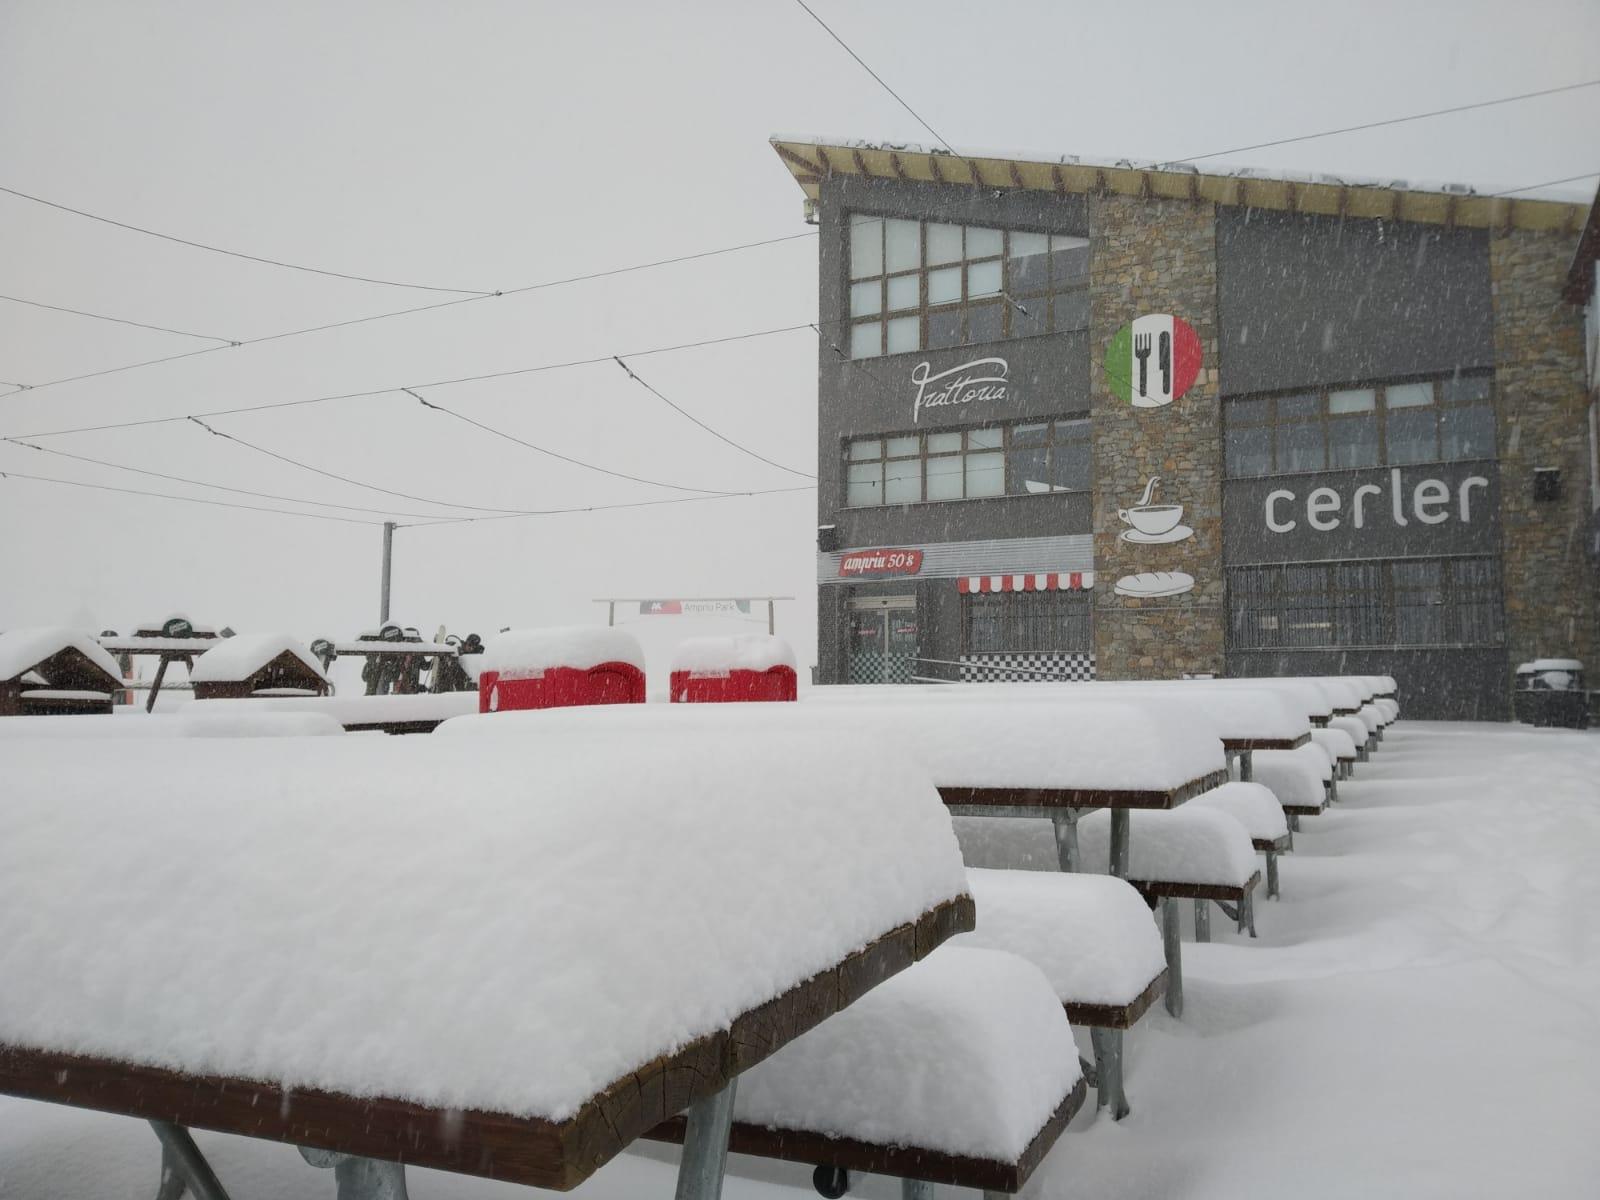 ¡Nieve fresca en Aramón! Vente a disfrutar este finde del nevadón